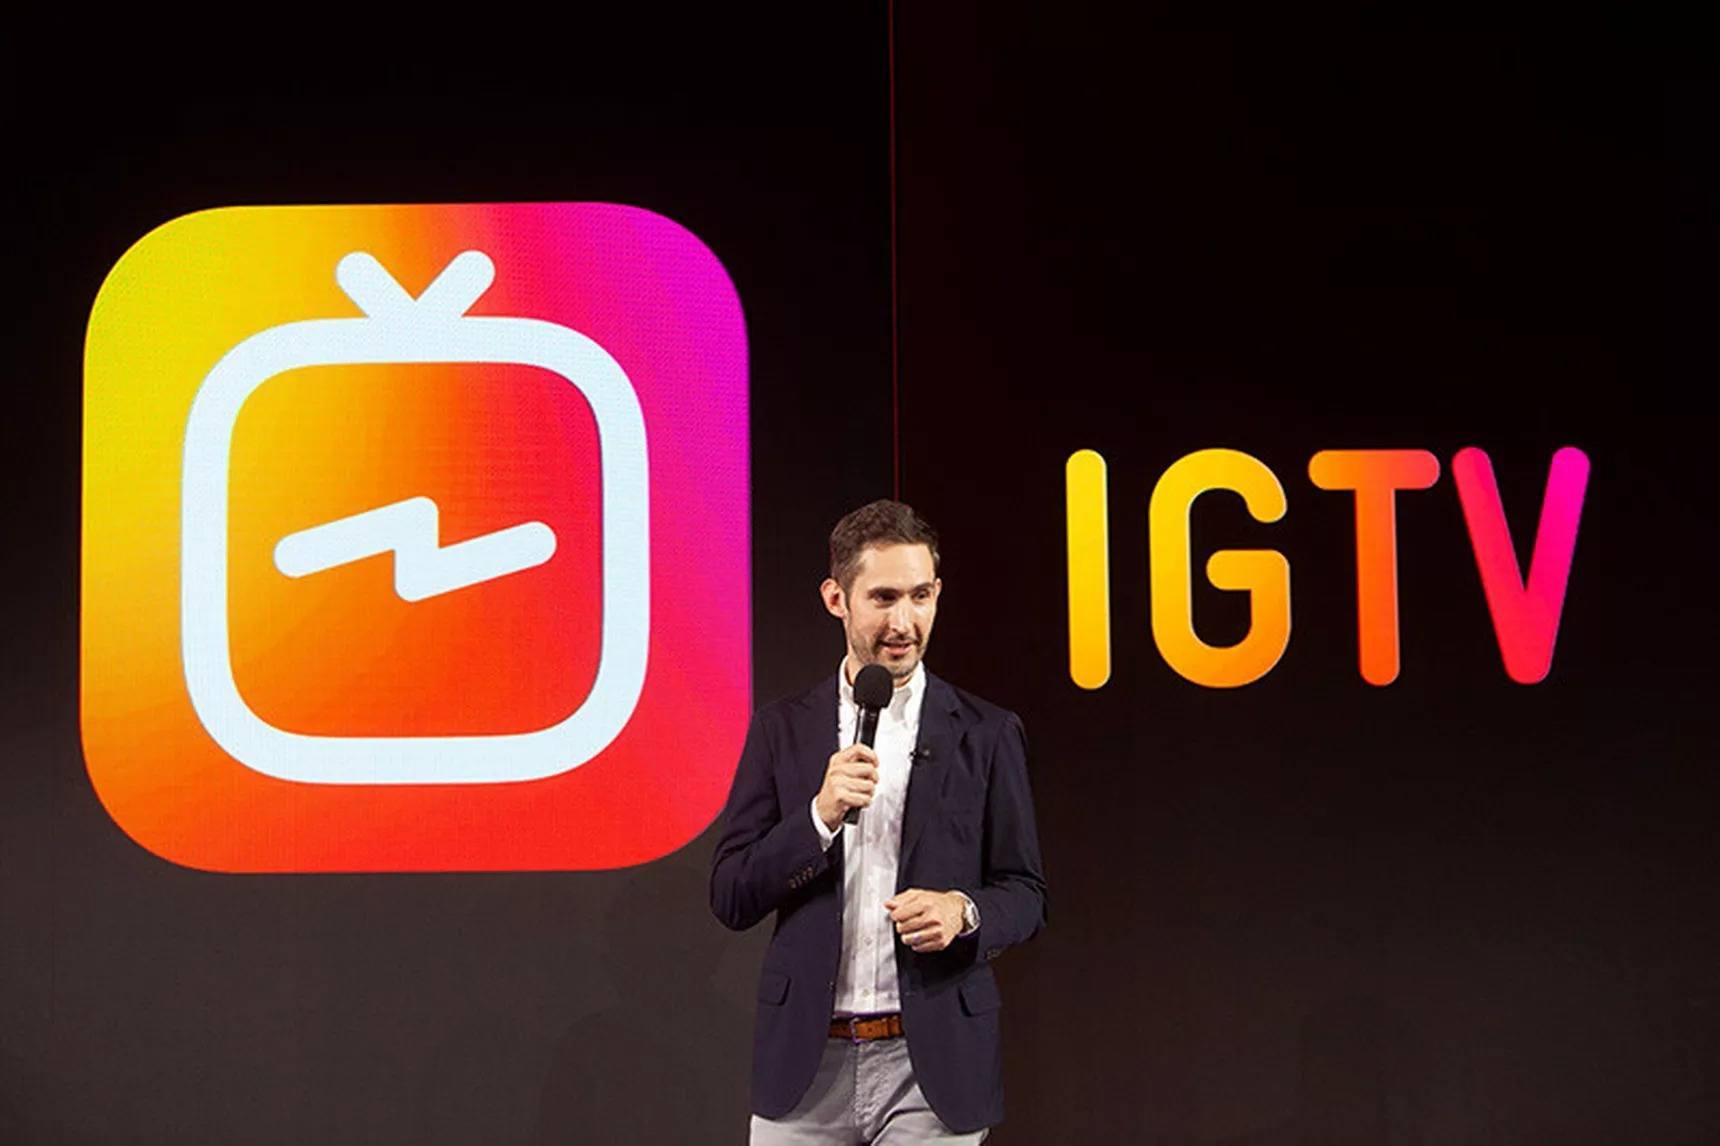 Igtv - что это и как работает: создаём канал и добавляем видео   im